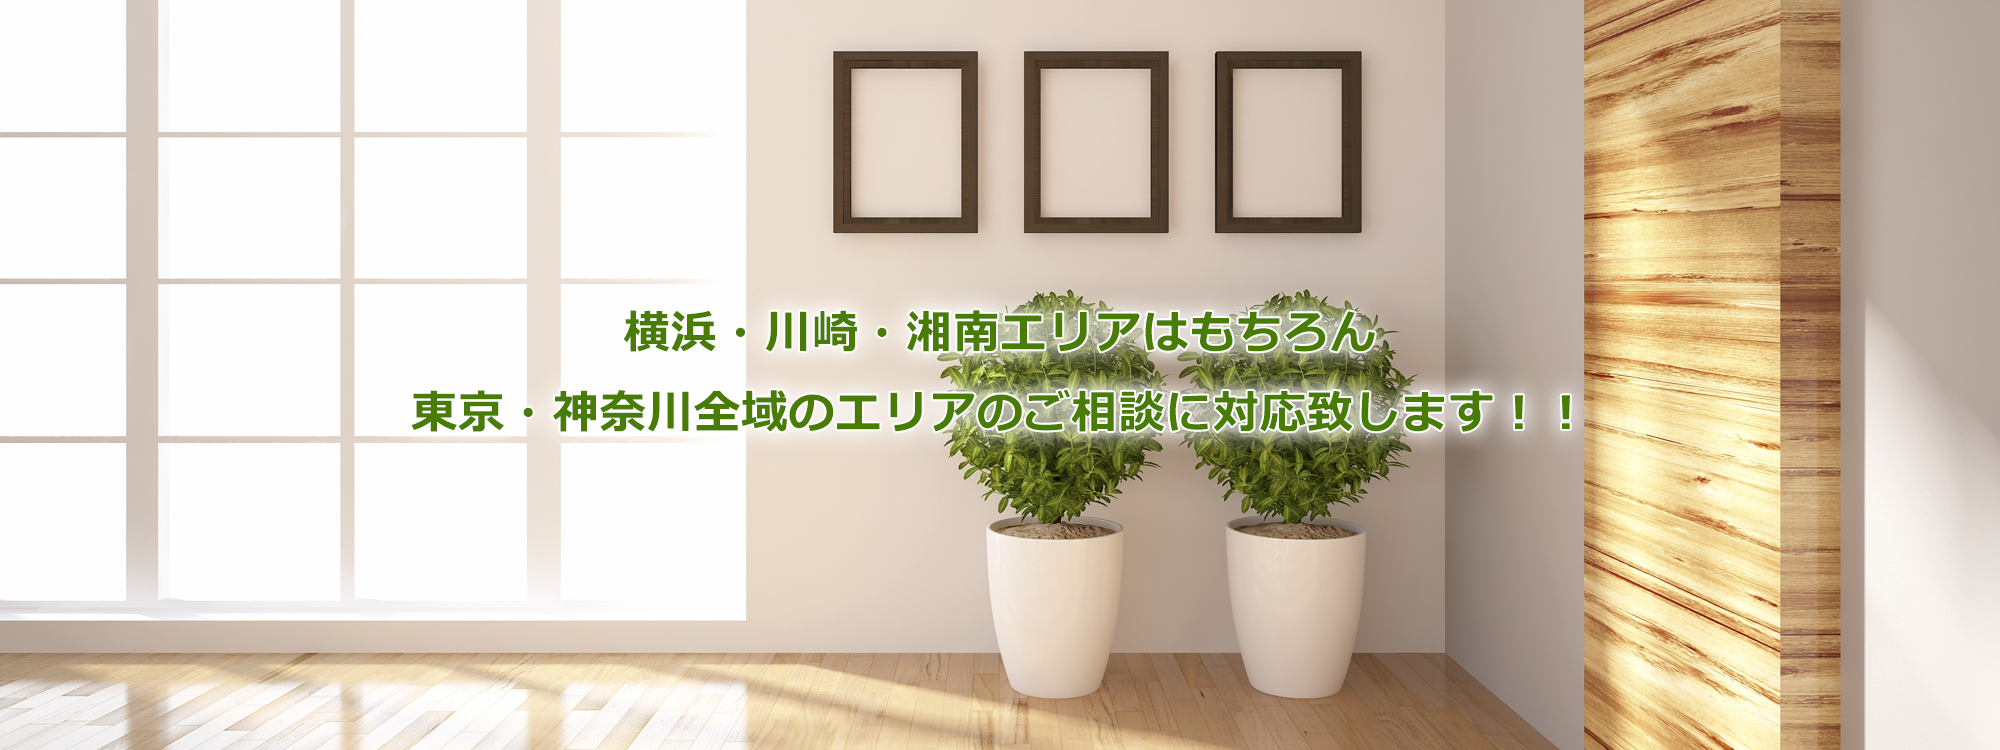 横浜・川崎・湘南エリアはもちろん東京・神奈川全域のエリアのご相談に対応致します!!